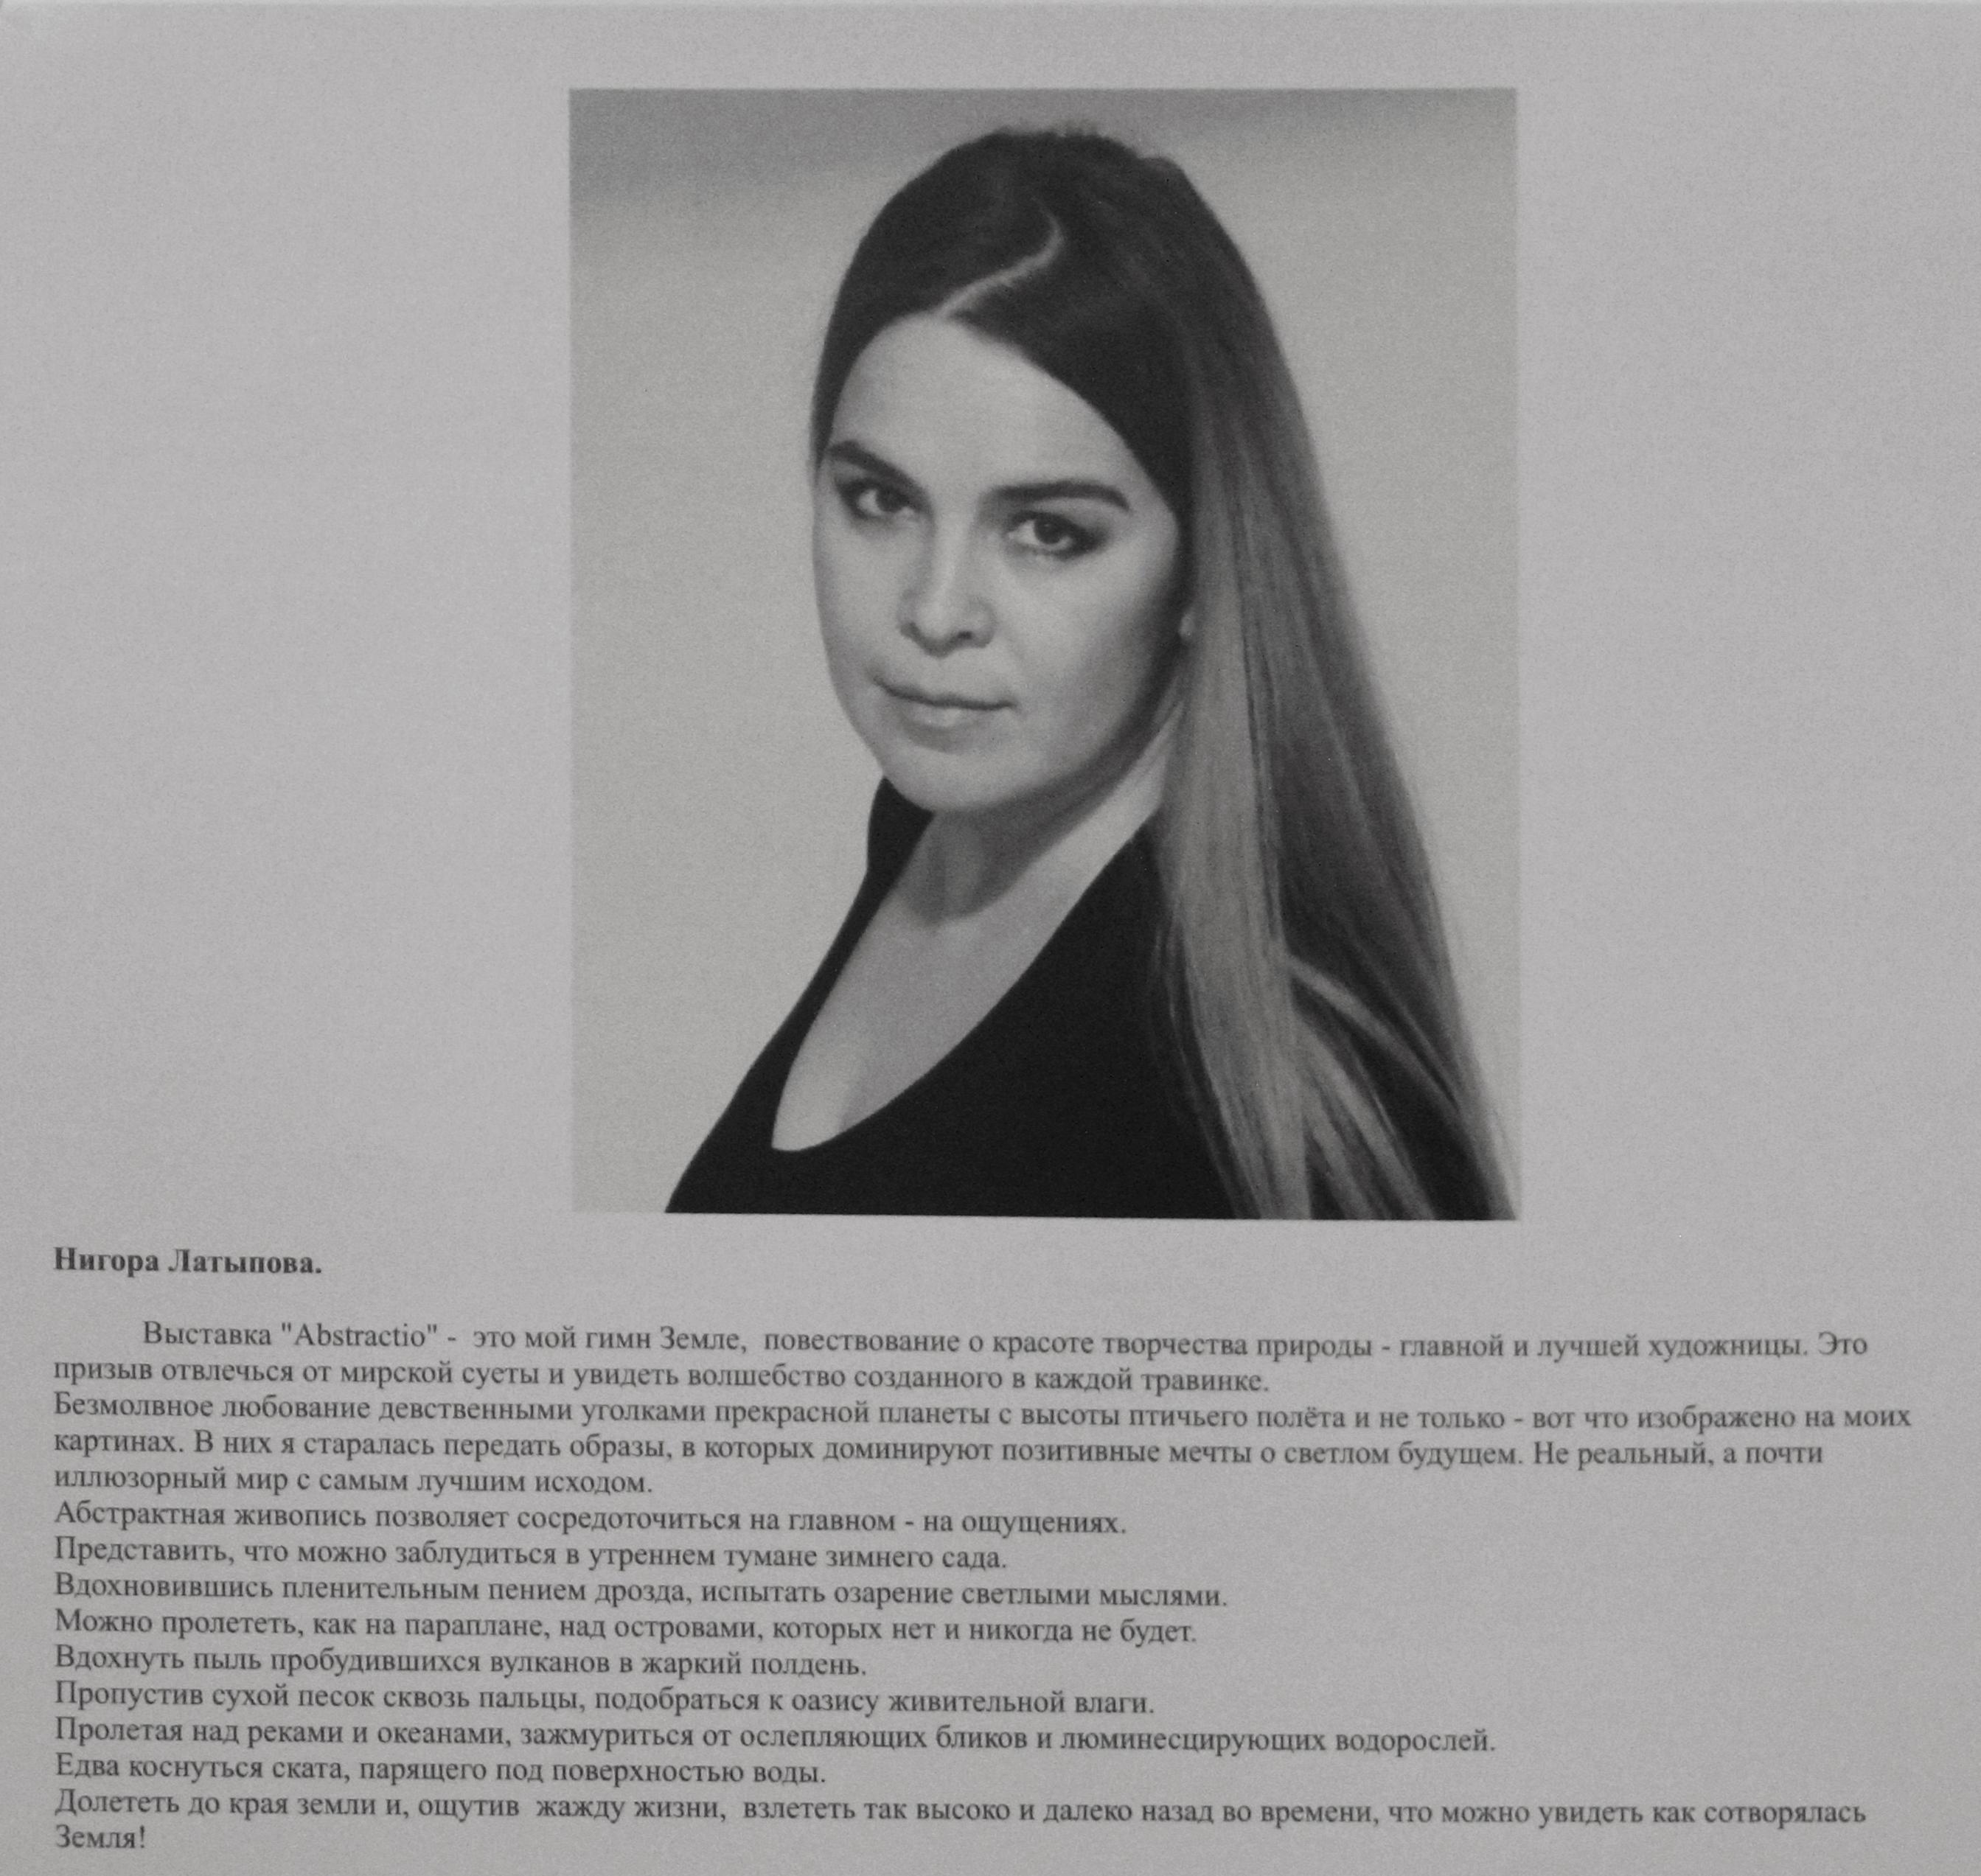 Нигора Латыпова